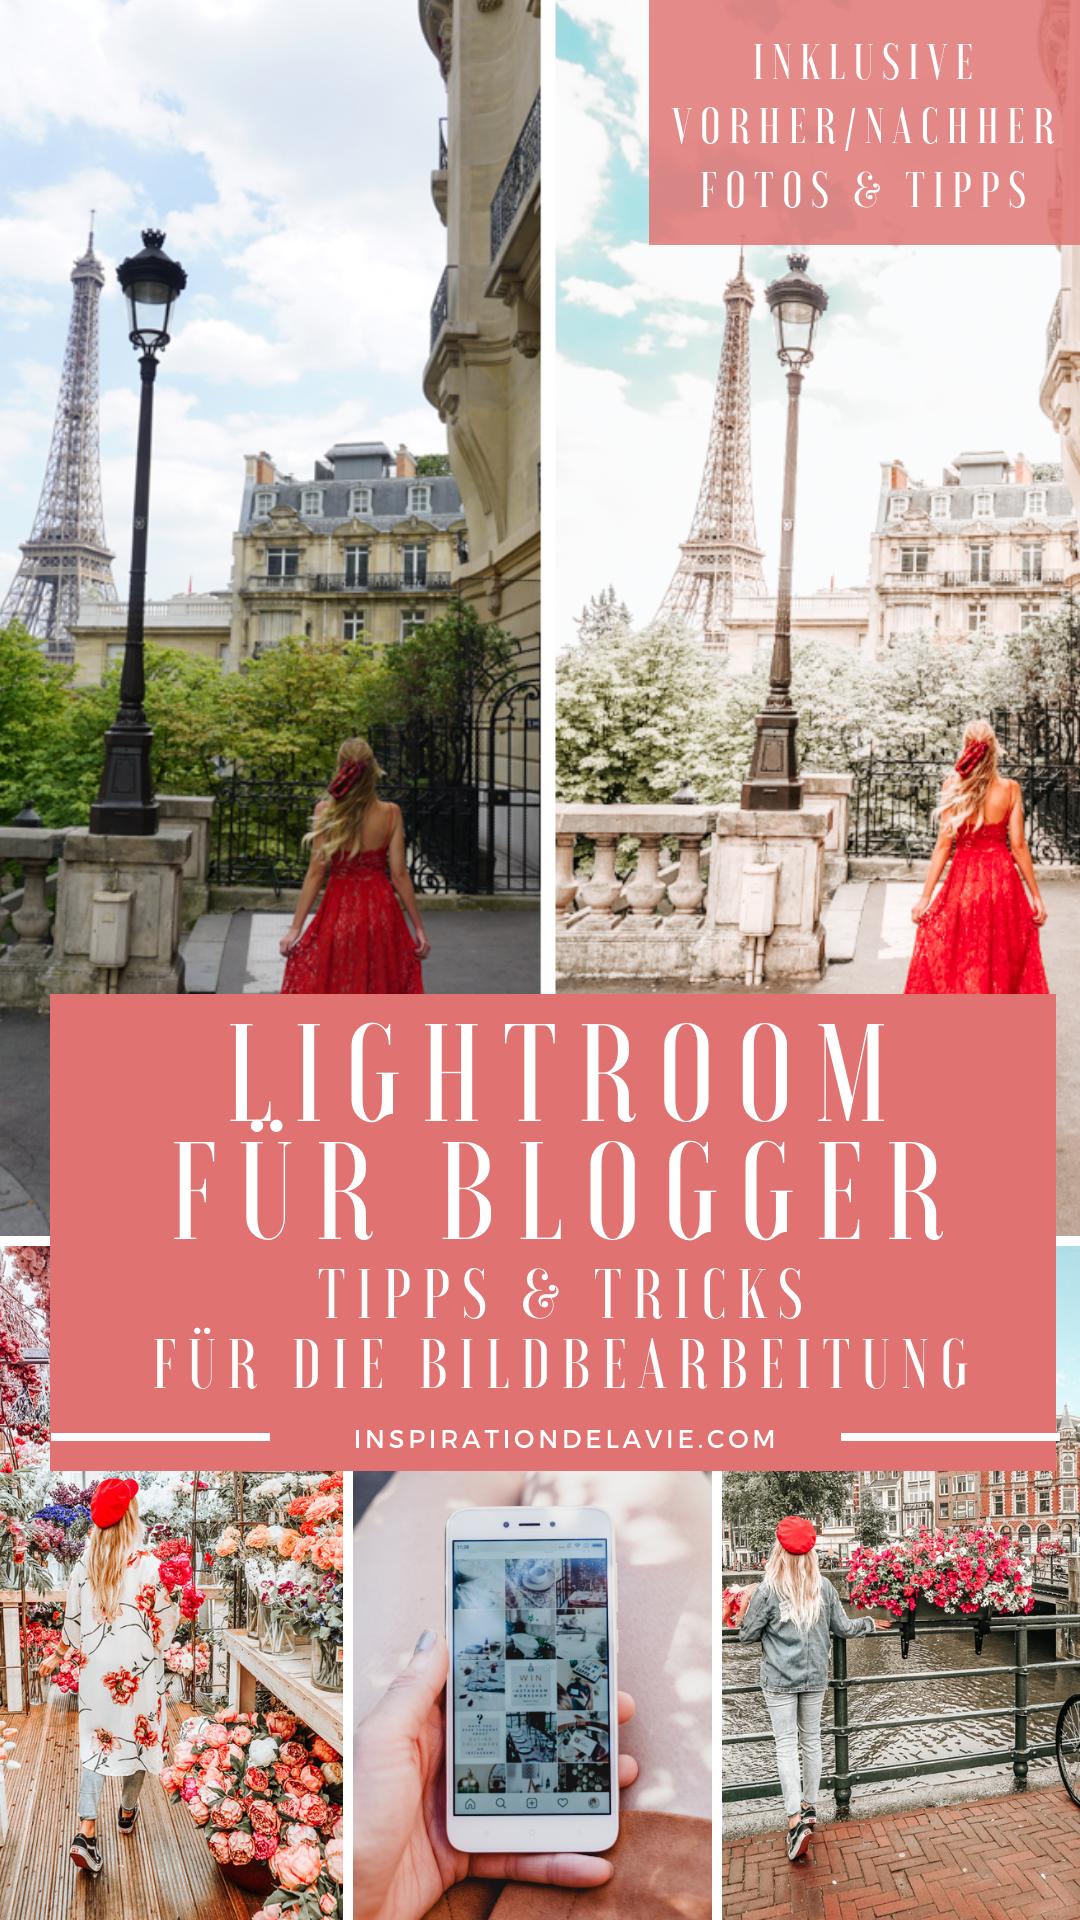 Instagram Bildbearbeitung mit Lightroom - Meine Tipps und Tricks #tippsundtricks